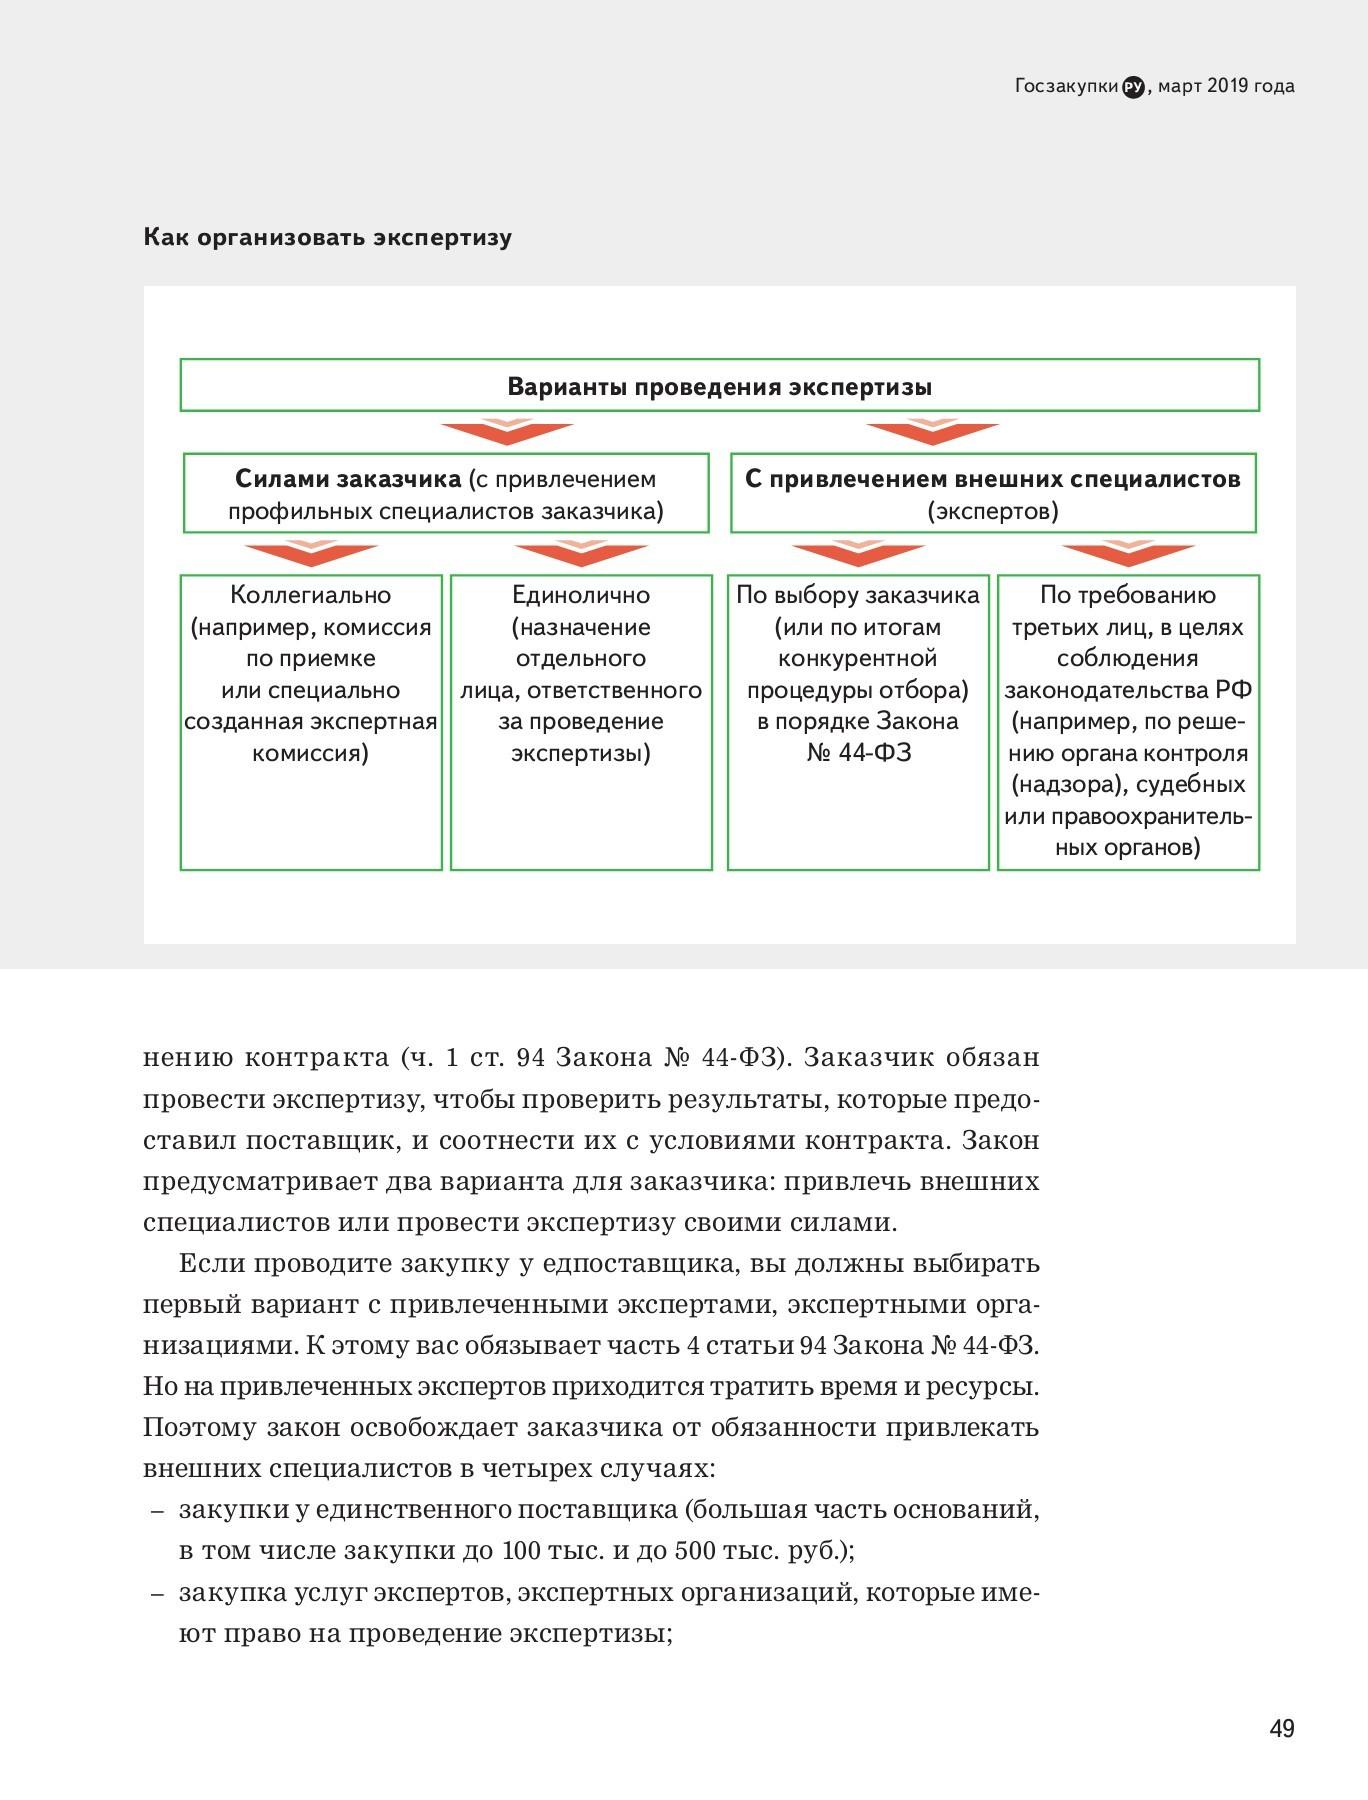 Статья 94 44 фз с последними изменениями